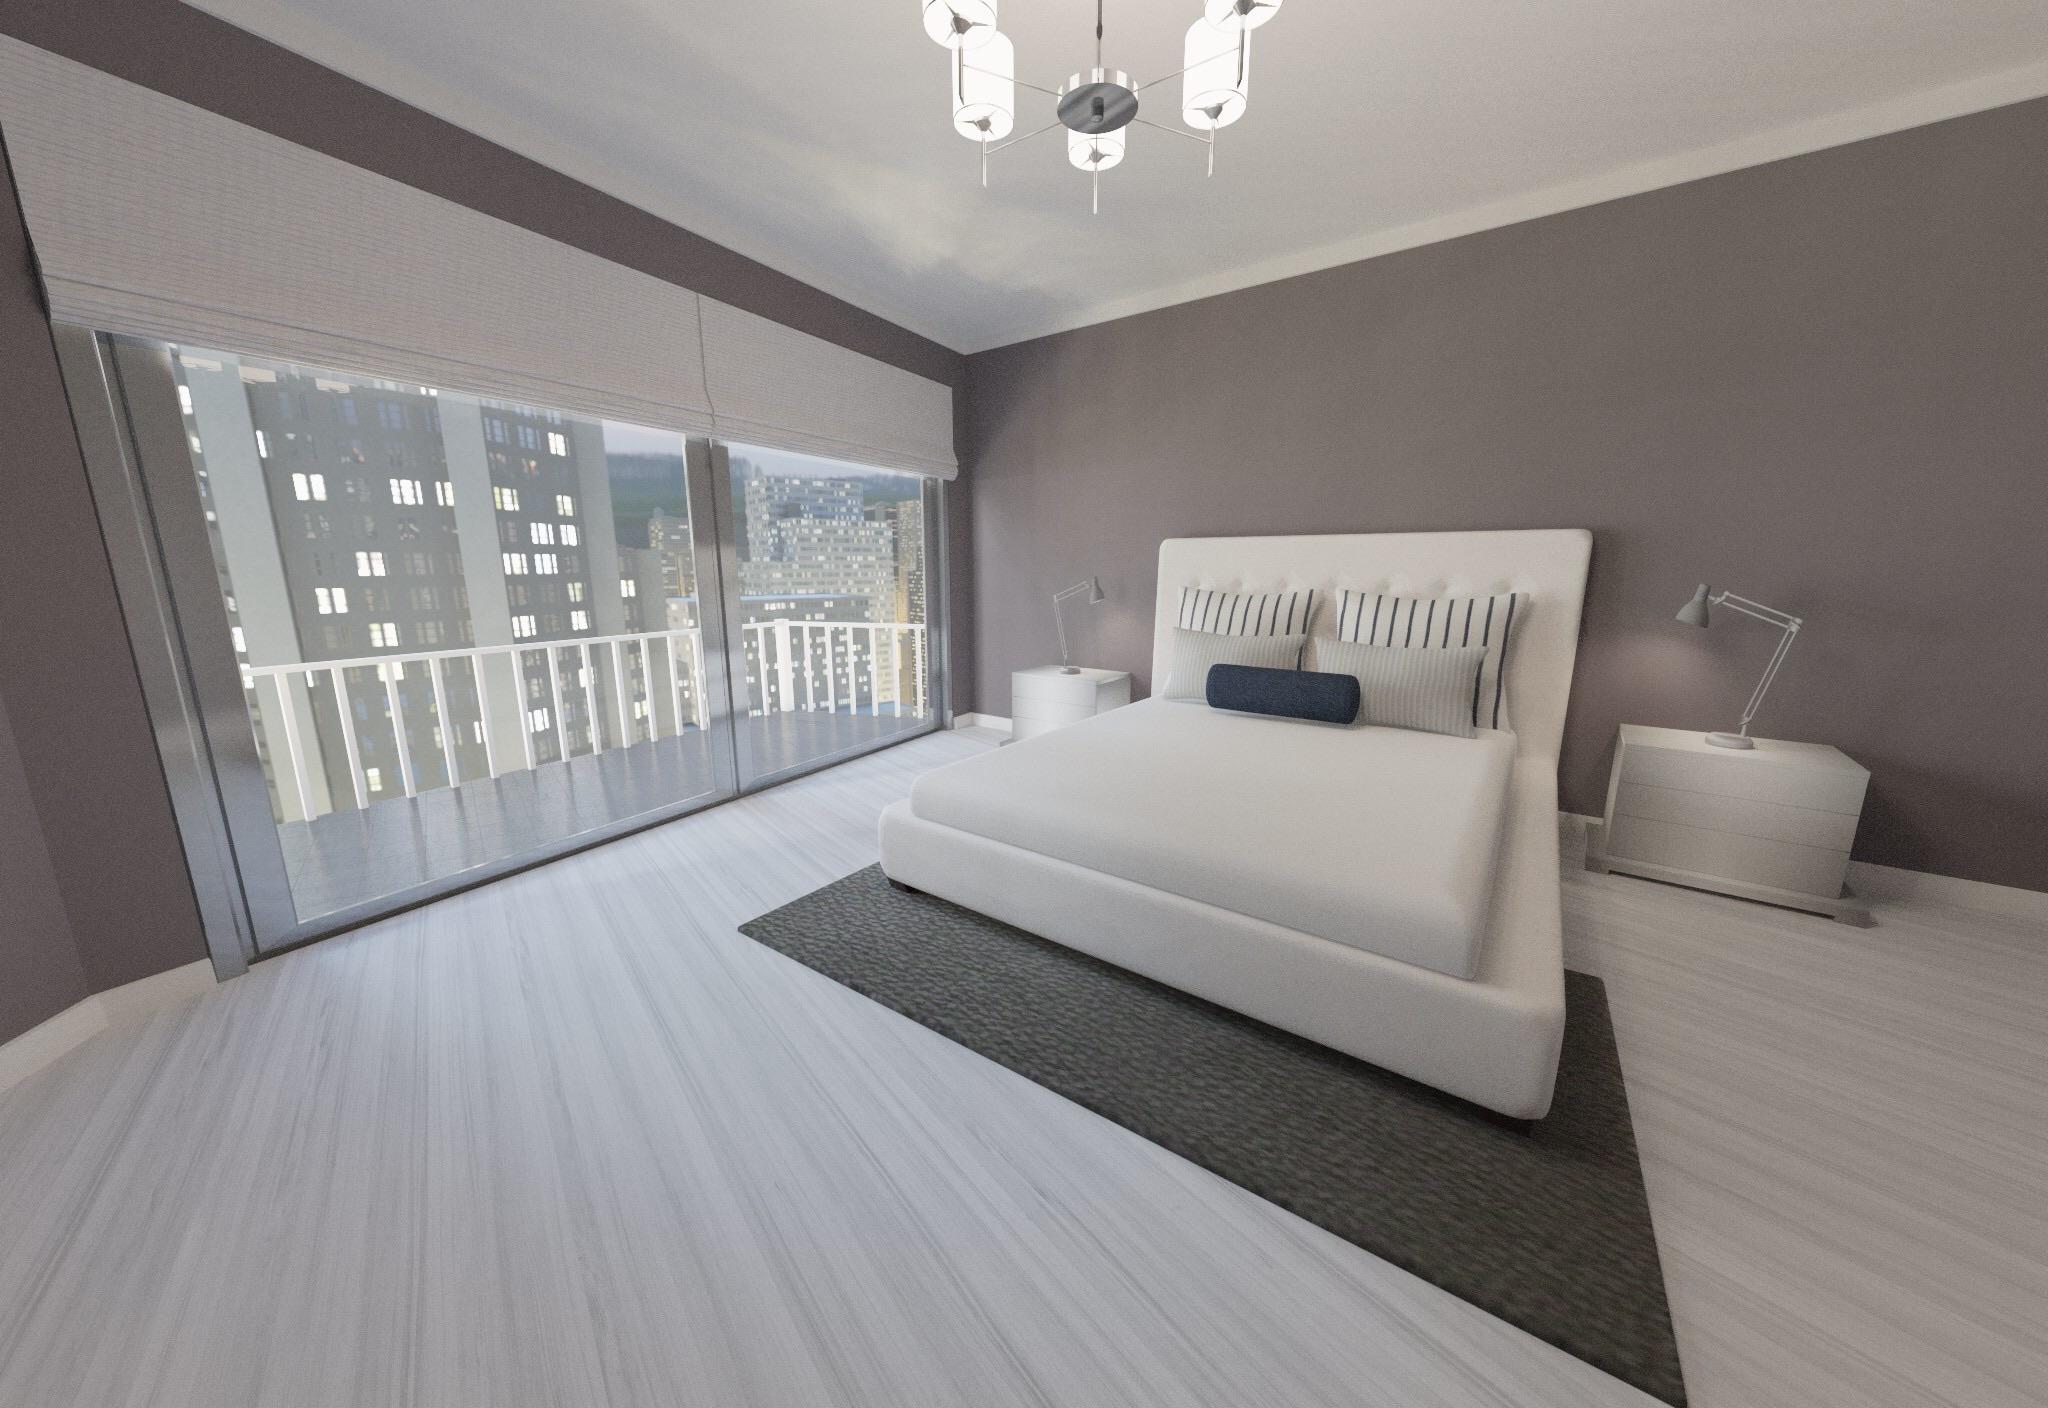 3d-rendering-affordable-interior-design19.JPG